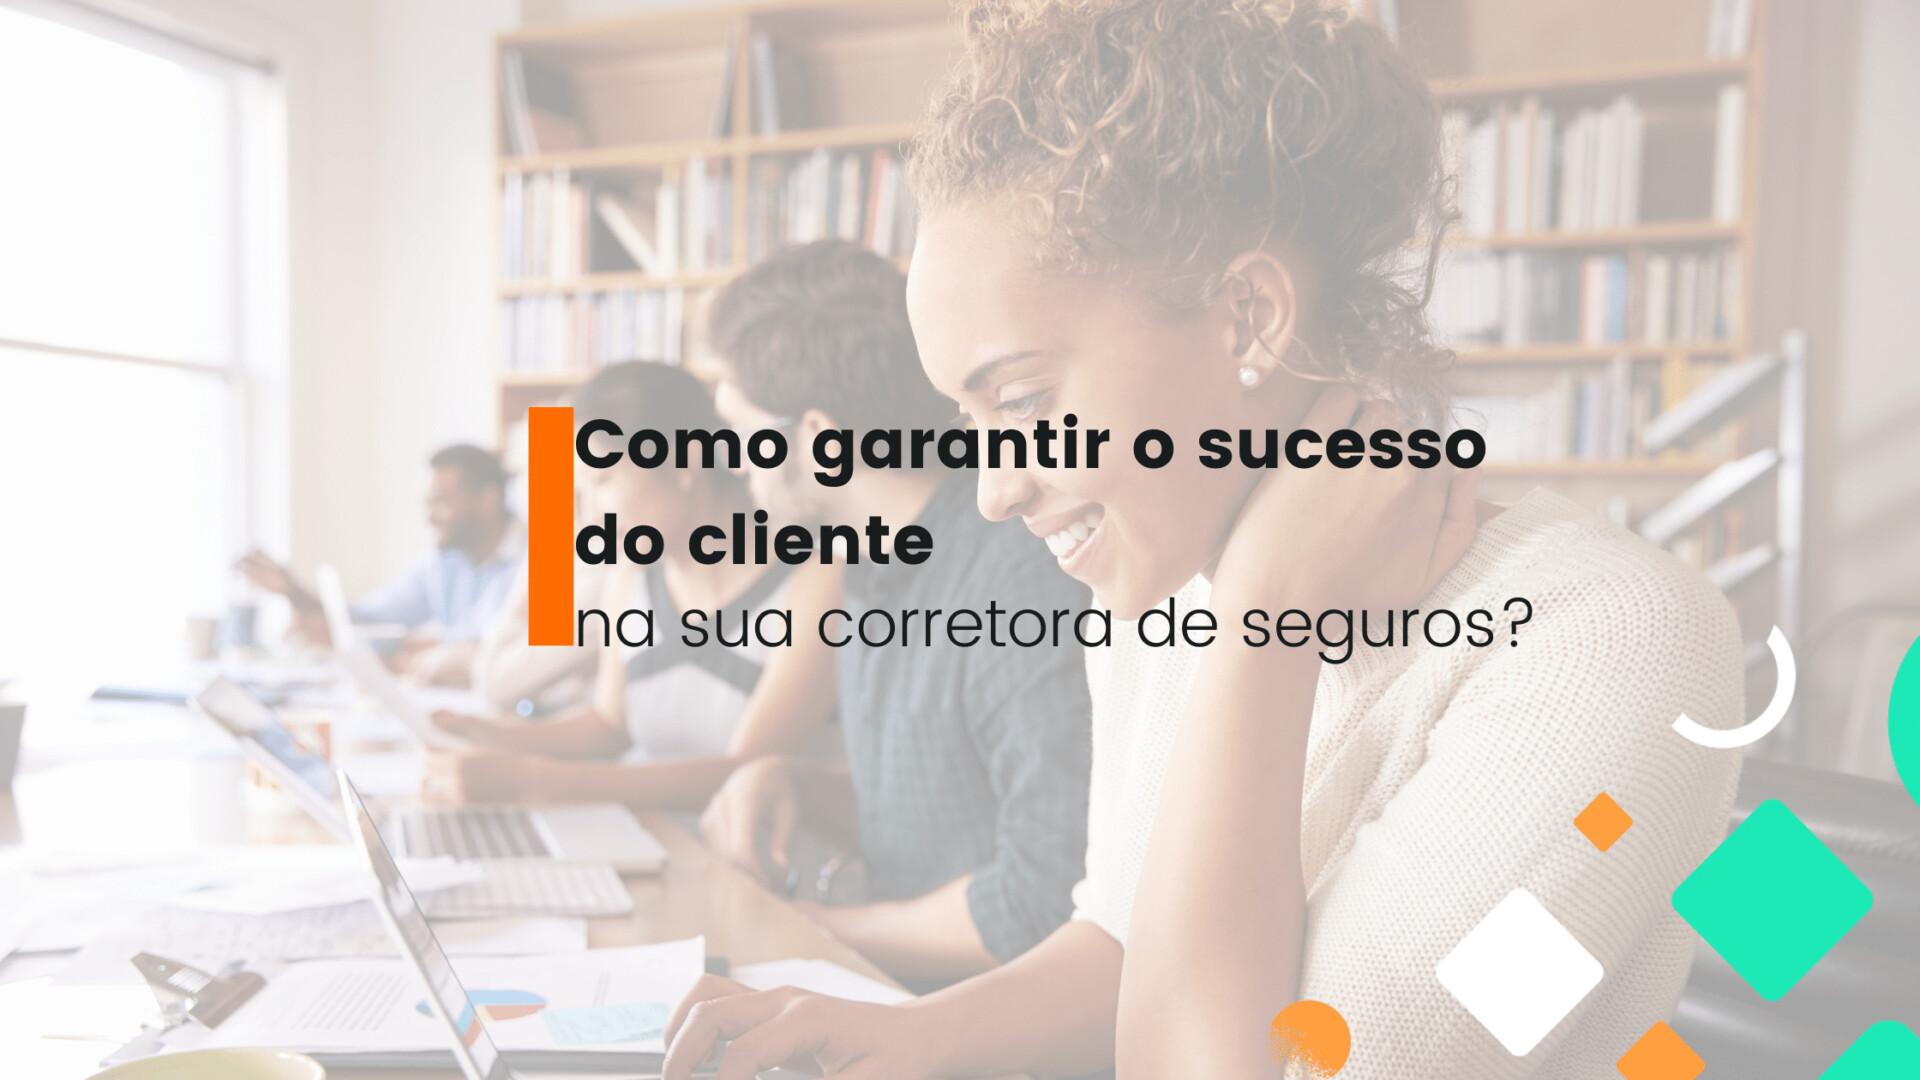 sucesso do cliente